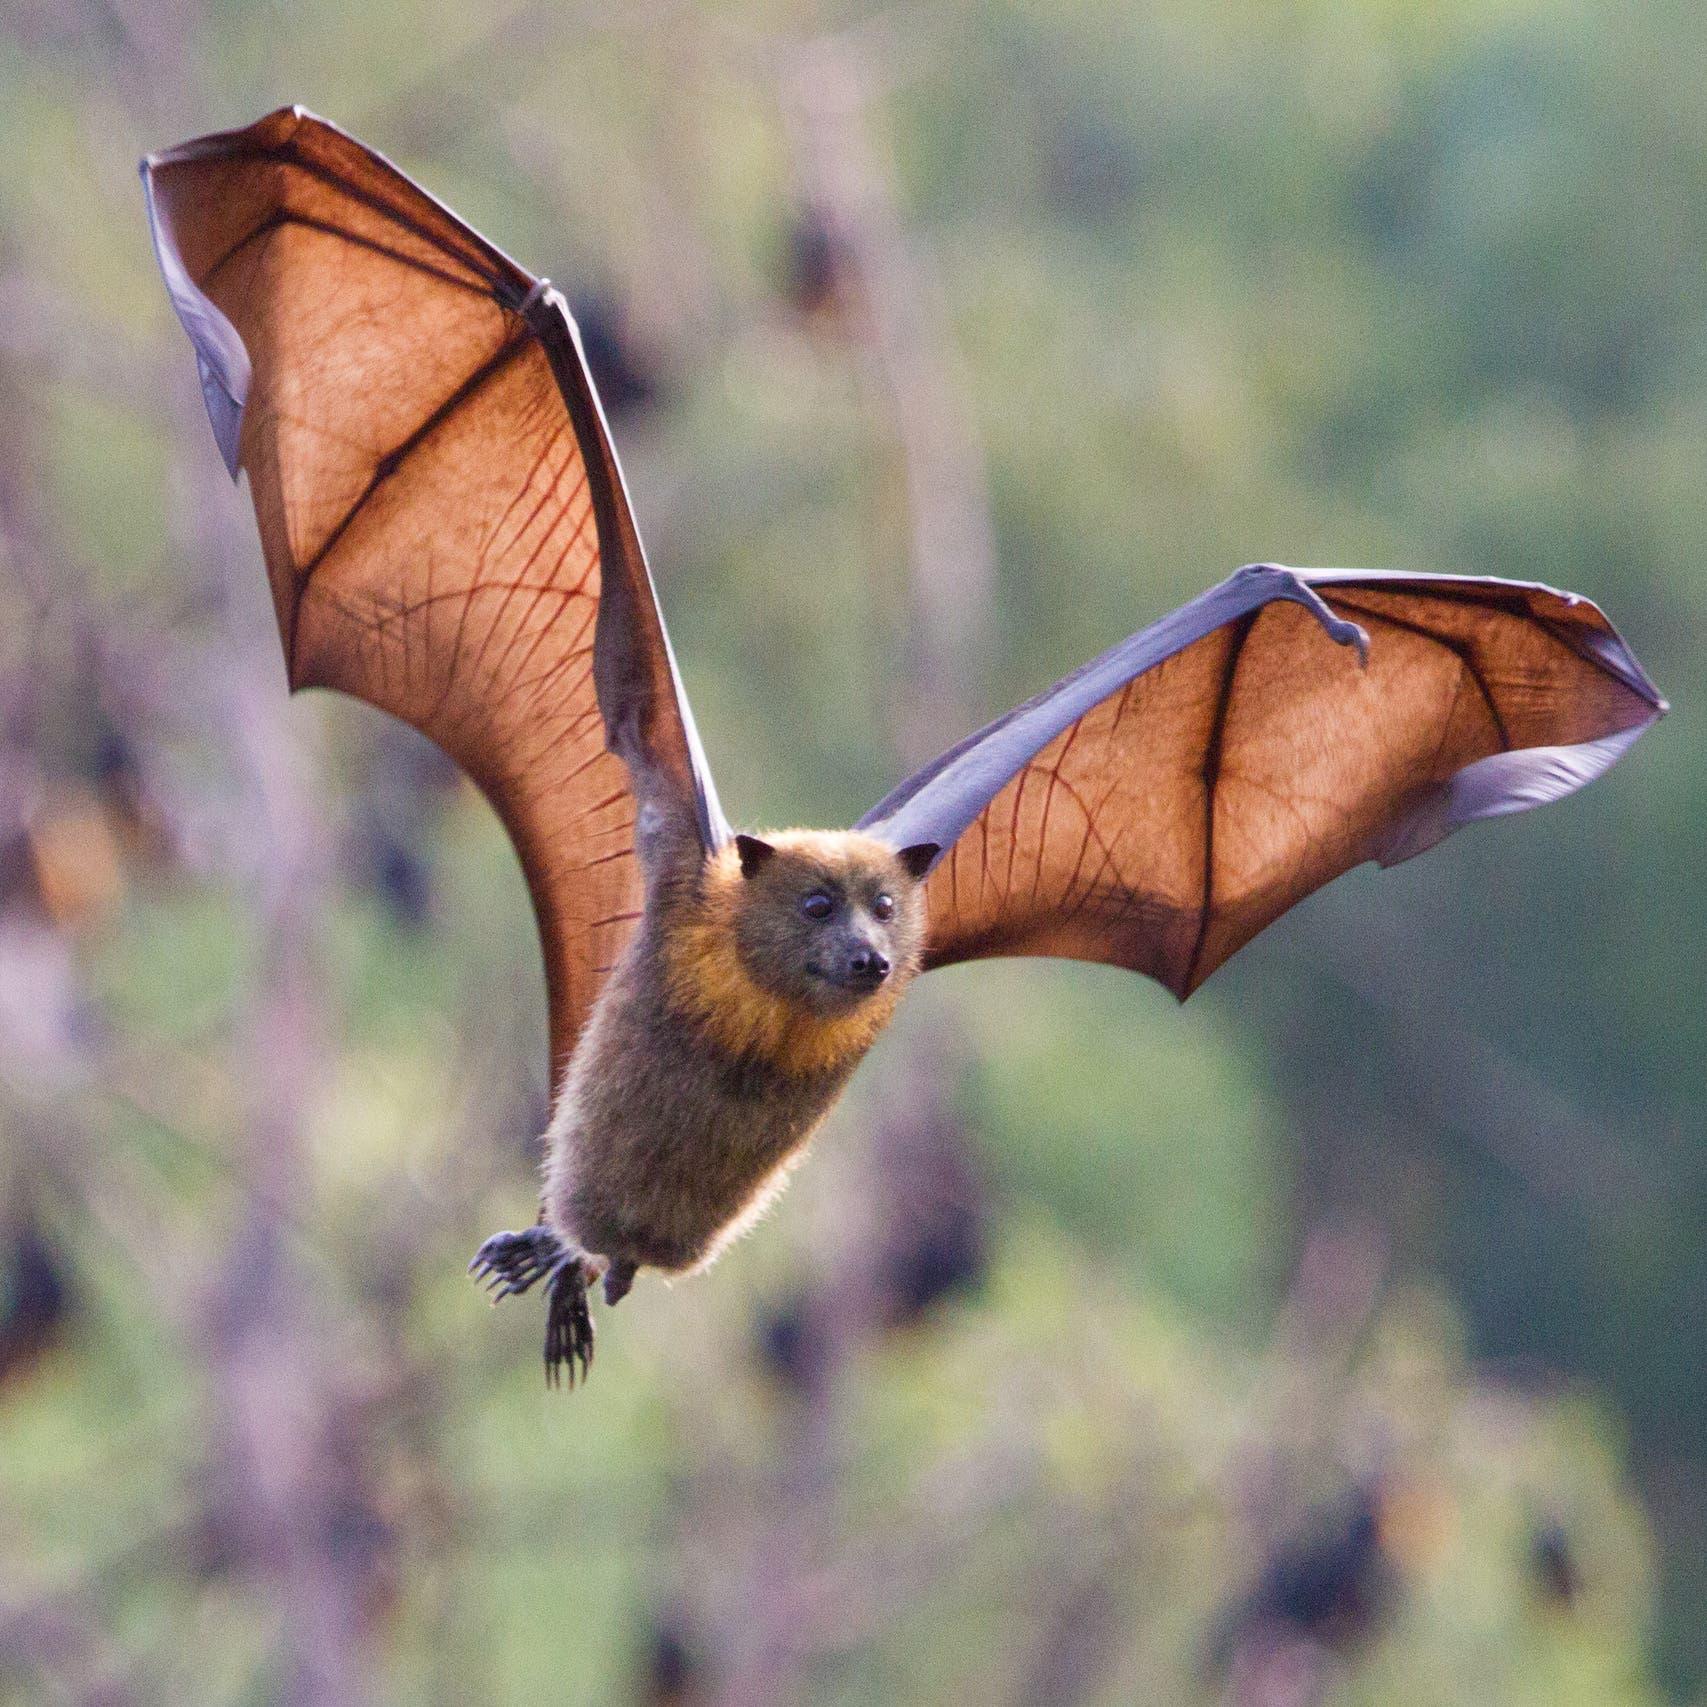 كهوف الخفافيش جنوب الصين تكشف أسراراً عن كورونا